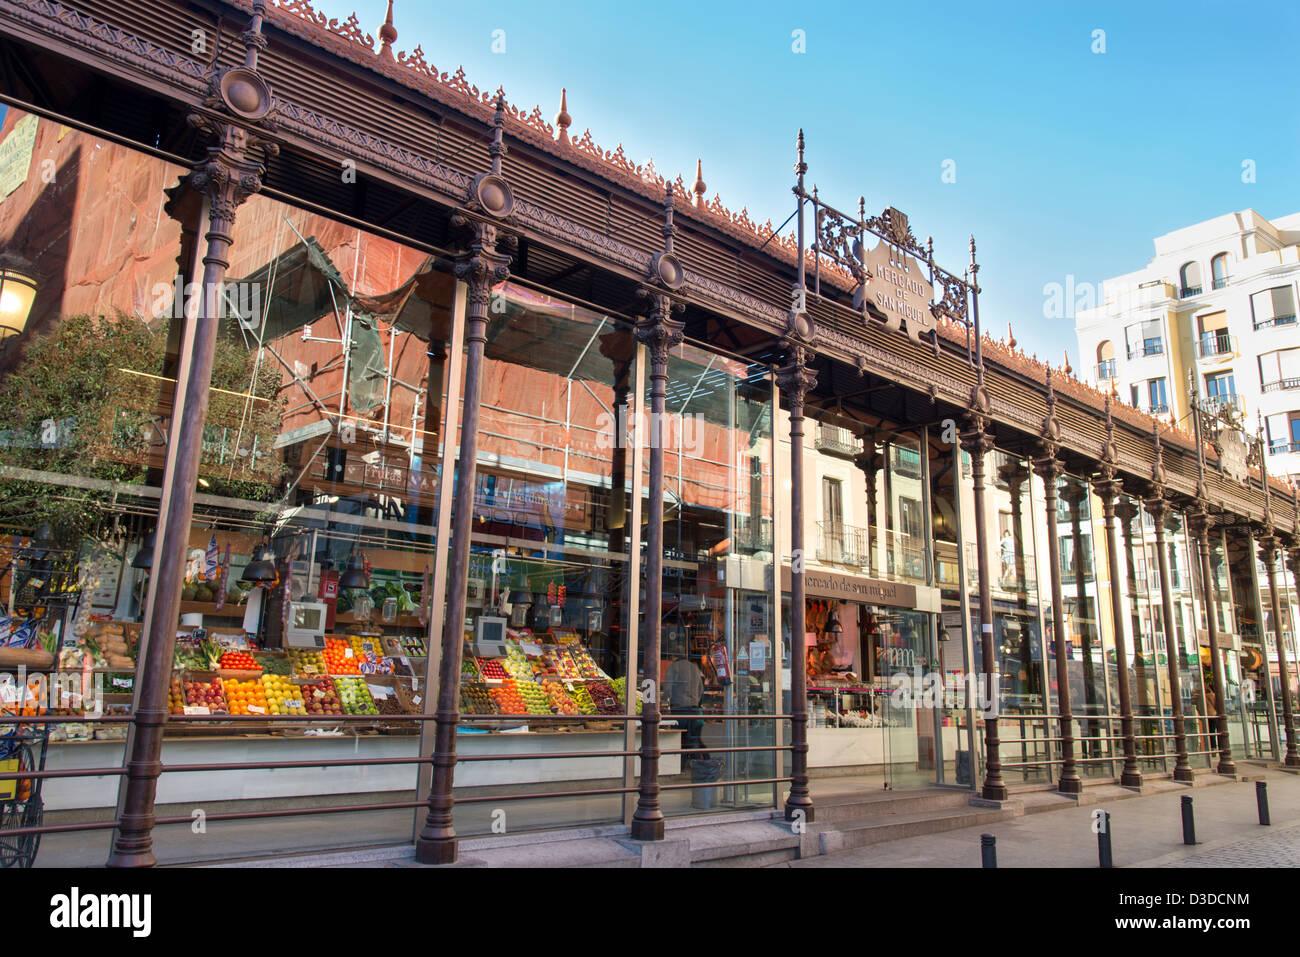 Mercado de San Miguel, Madrid, Spain - Stock Image